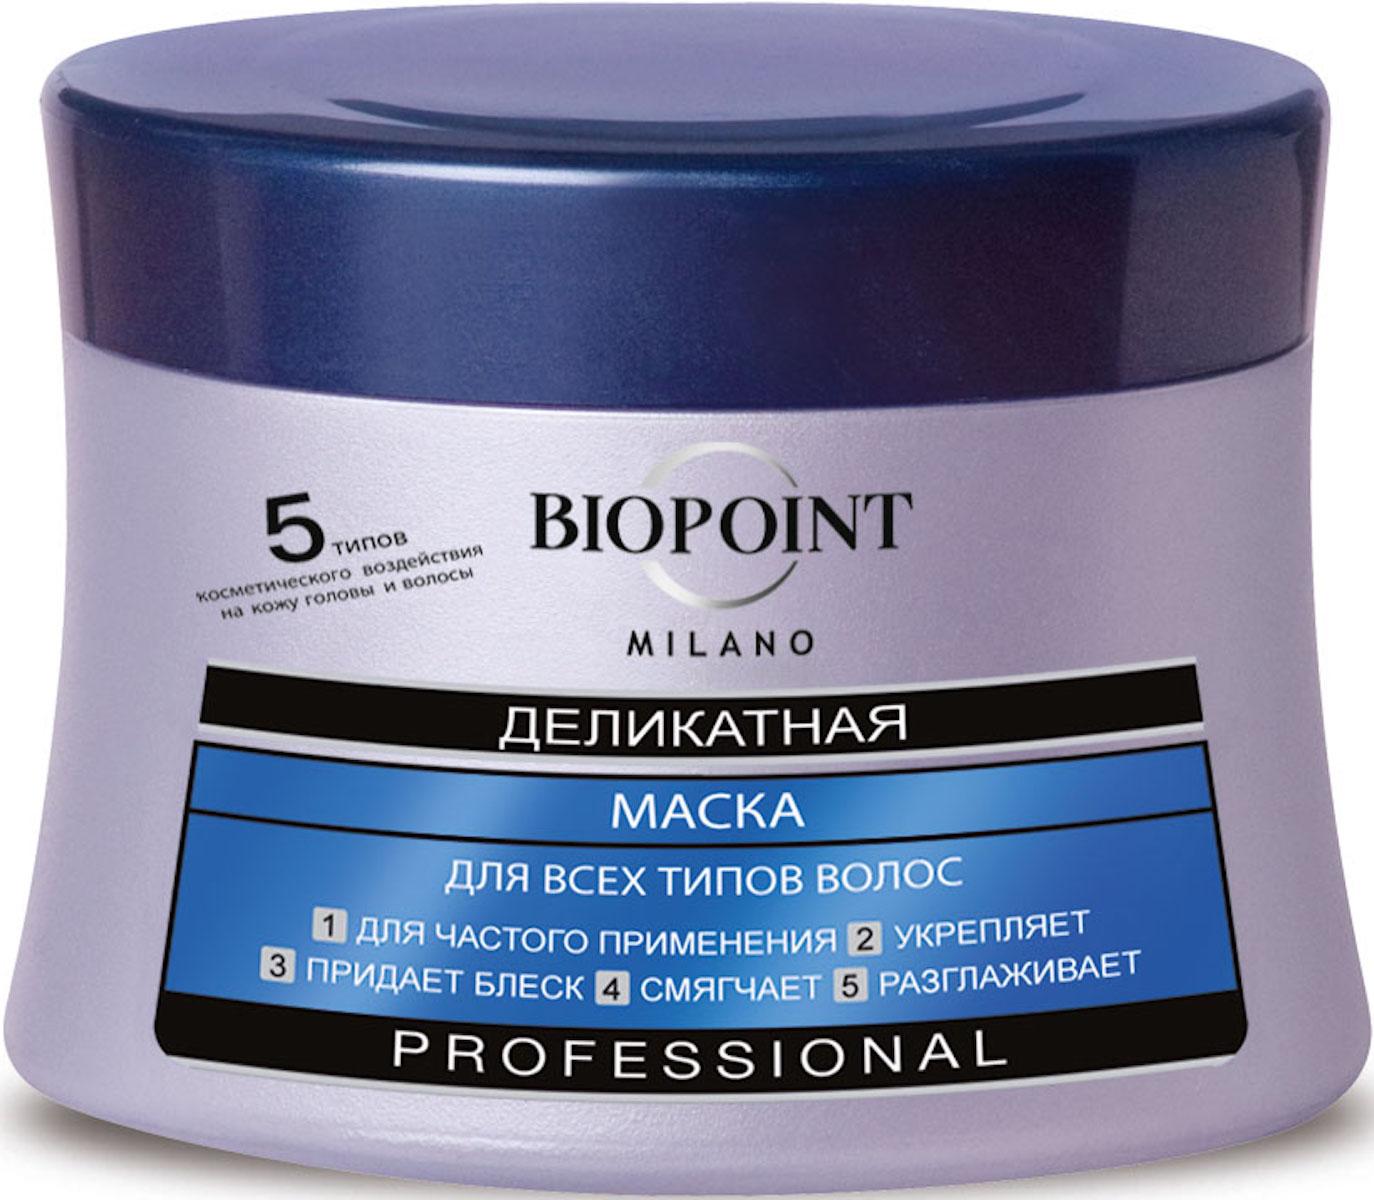 Biopoint Маска Деликатная для всех типов волос, 250 мл26106Маска идеально дополнит программу деликатного ухода за волосами. Маска существенно смягчает волосы и обладает эффективным кондиционирующим воздействием.